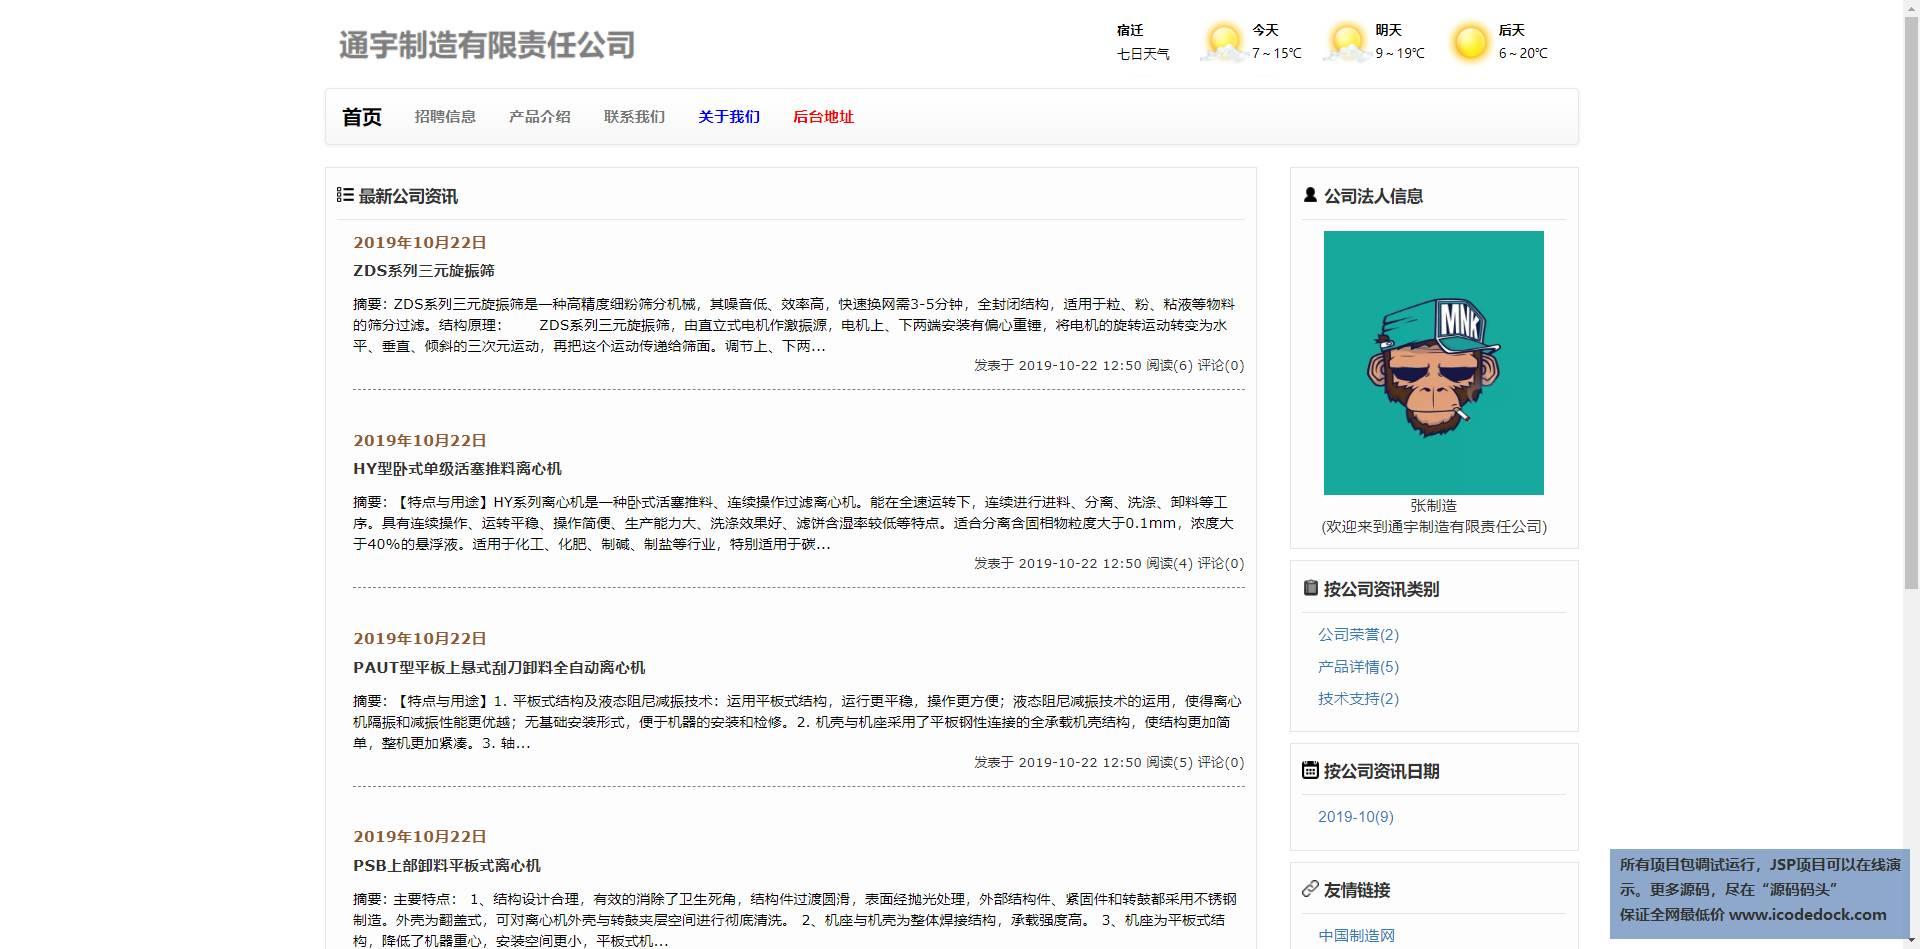 源码码头-SSM企业官方网站-用户角色-最新公司资讯